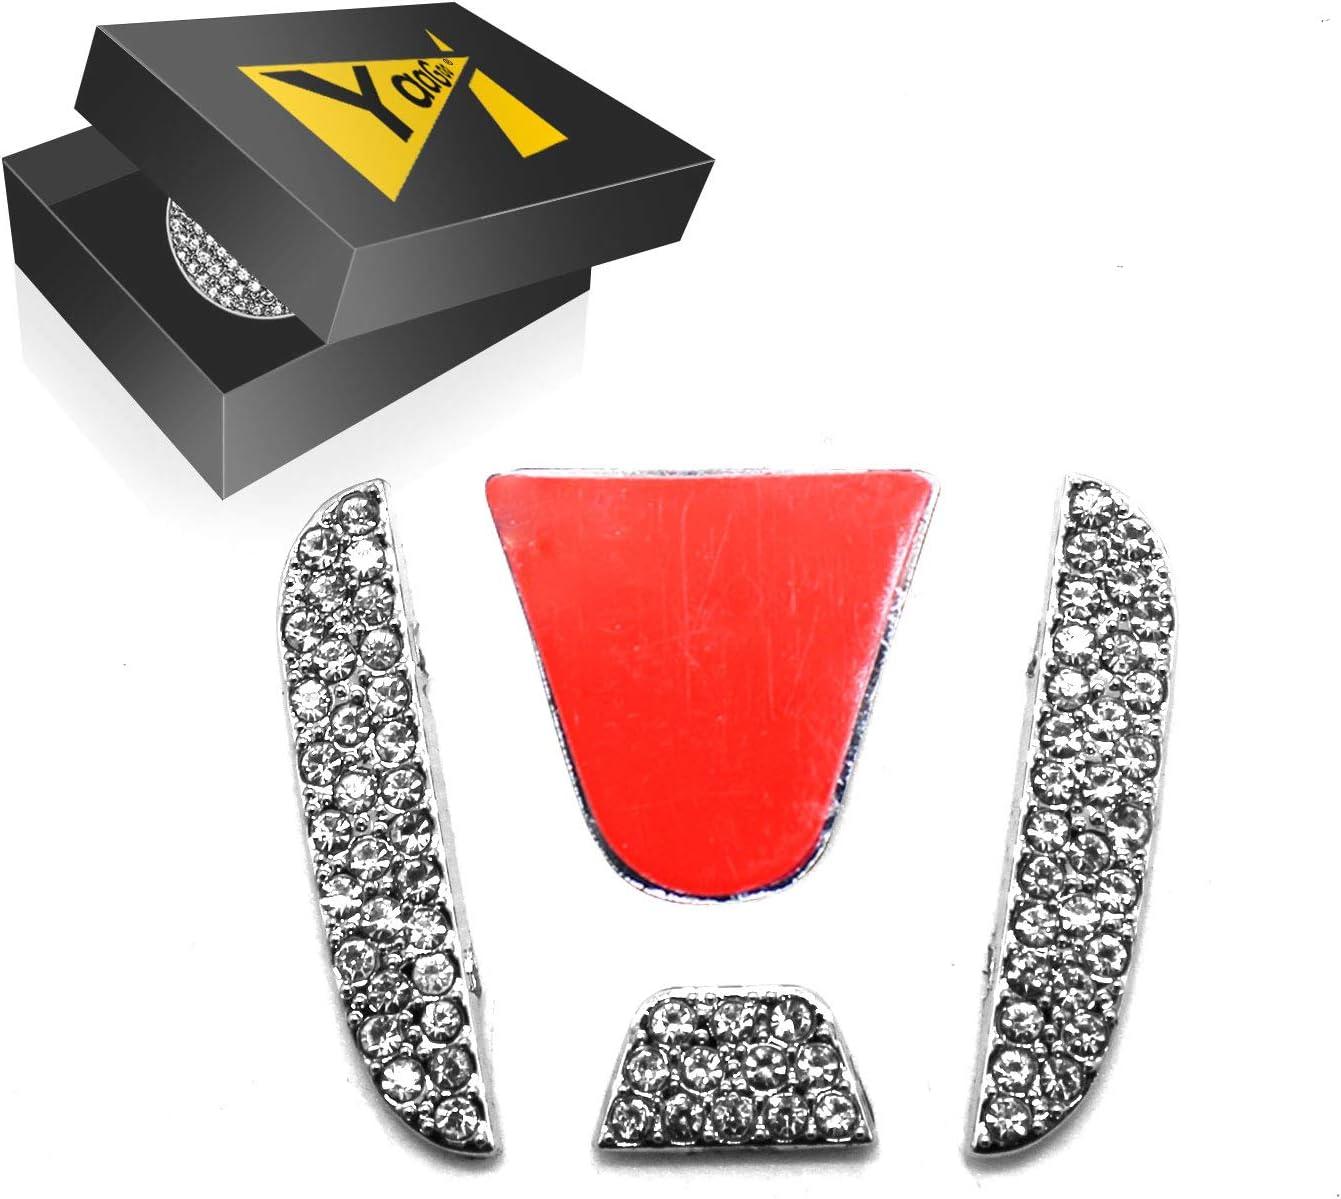 YaaGoo HWEL-HO Steering wheel decoration bling crystal